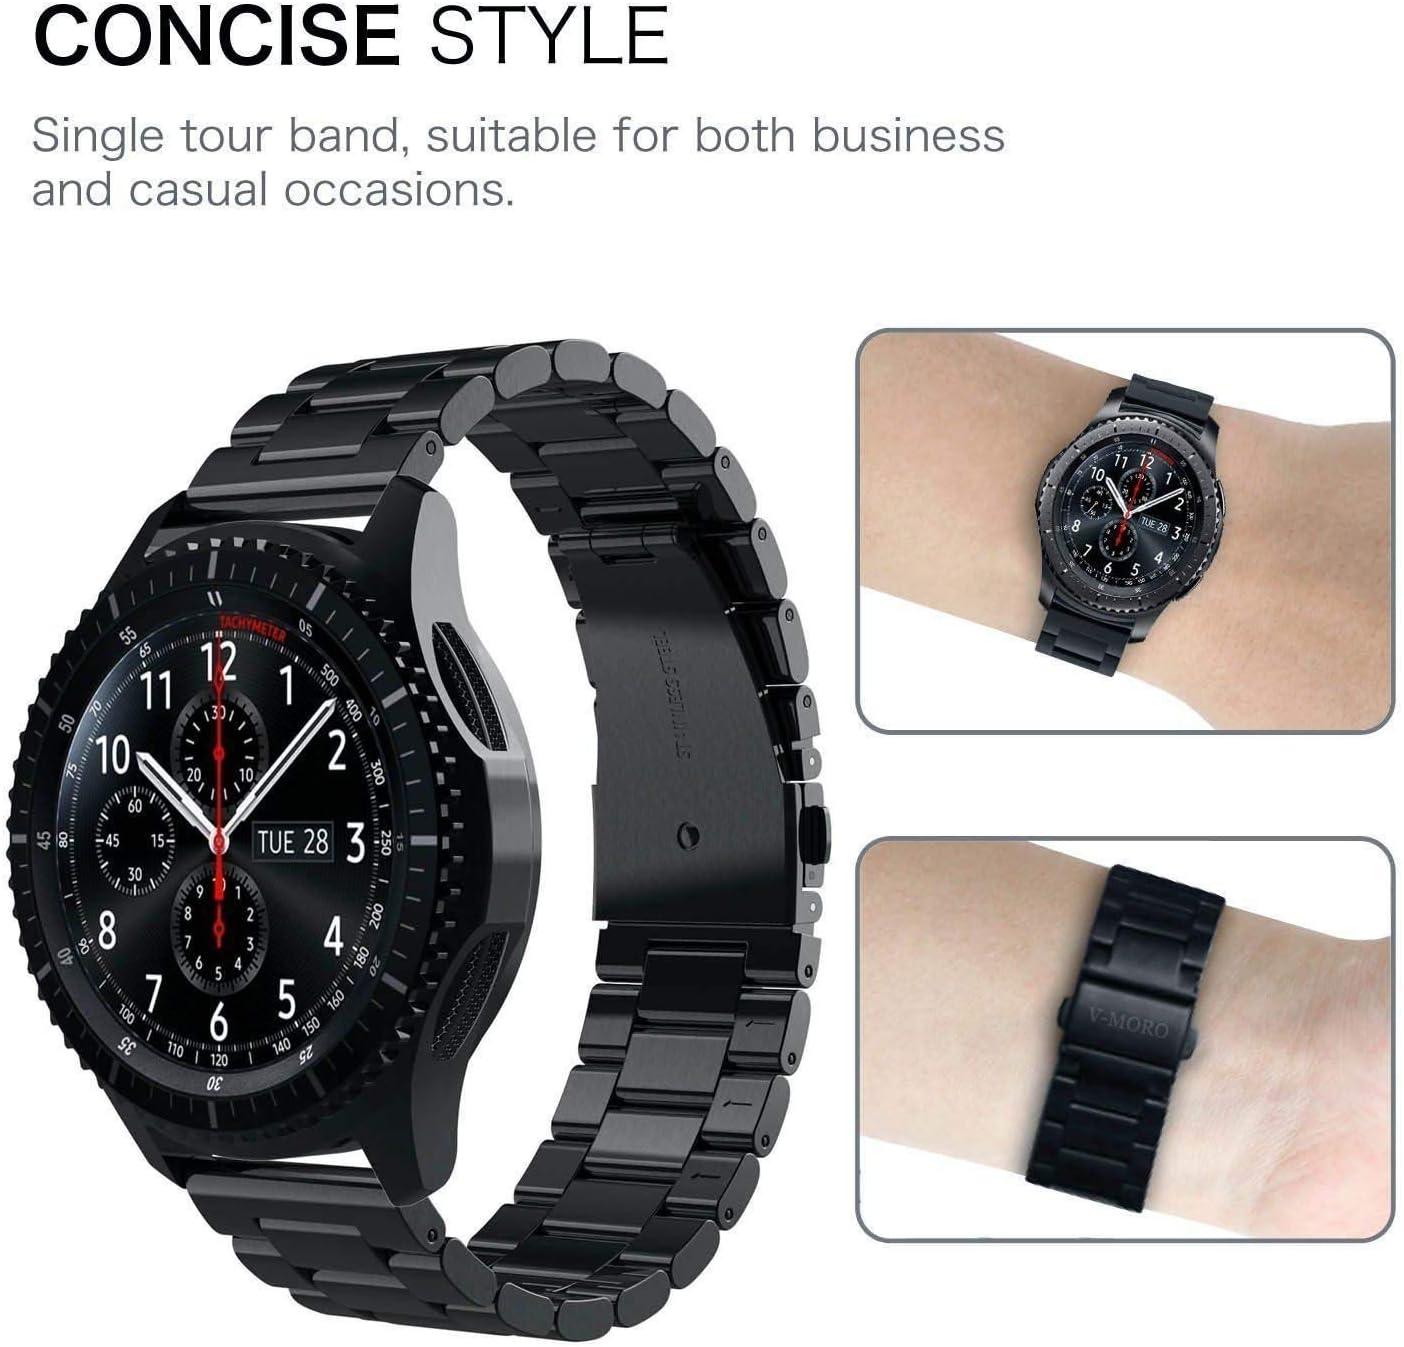 Amazon.com: V-Moro Correa comercial de repuesto para Gear S3 ...